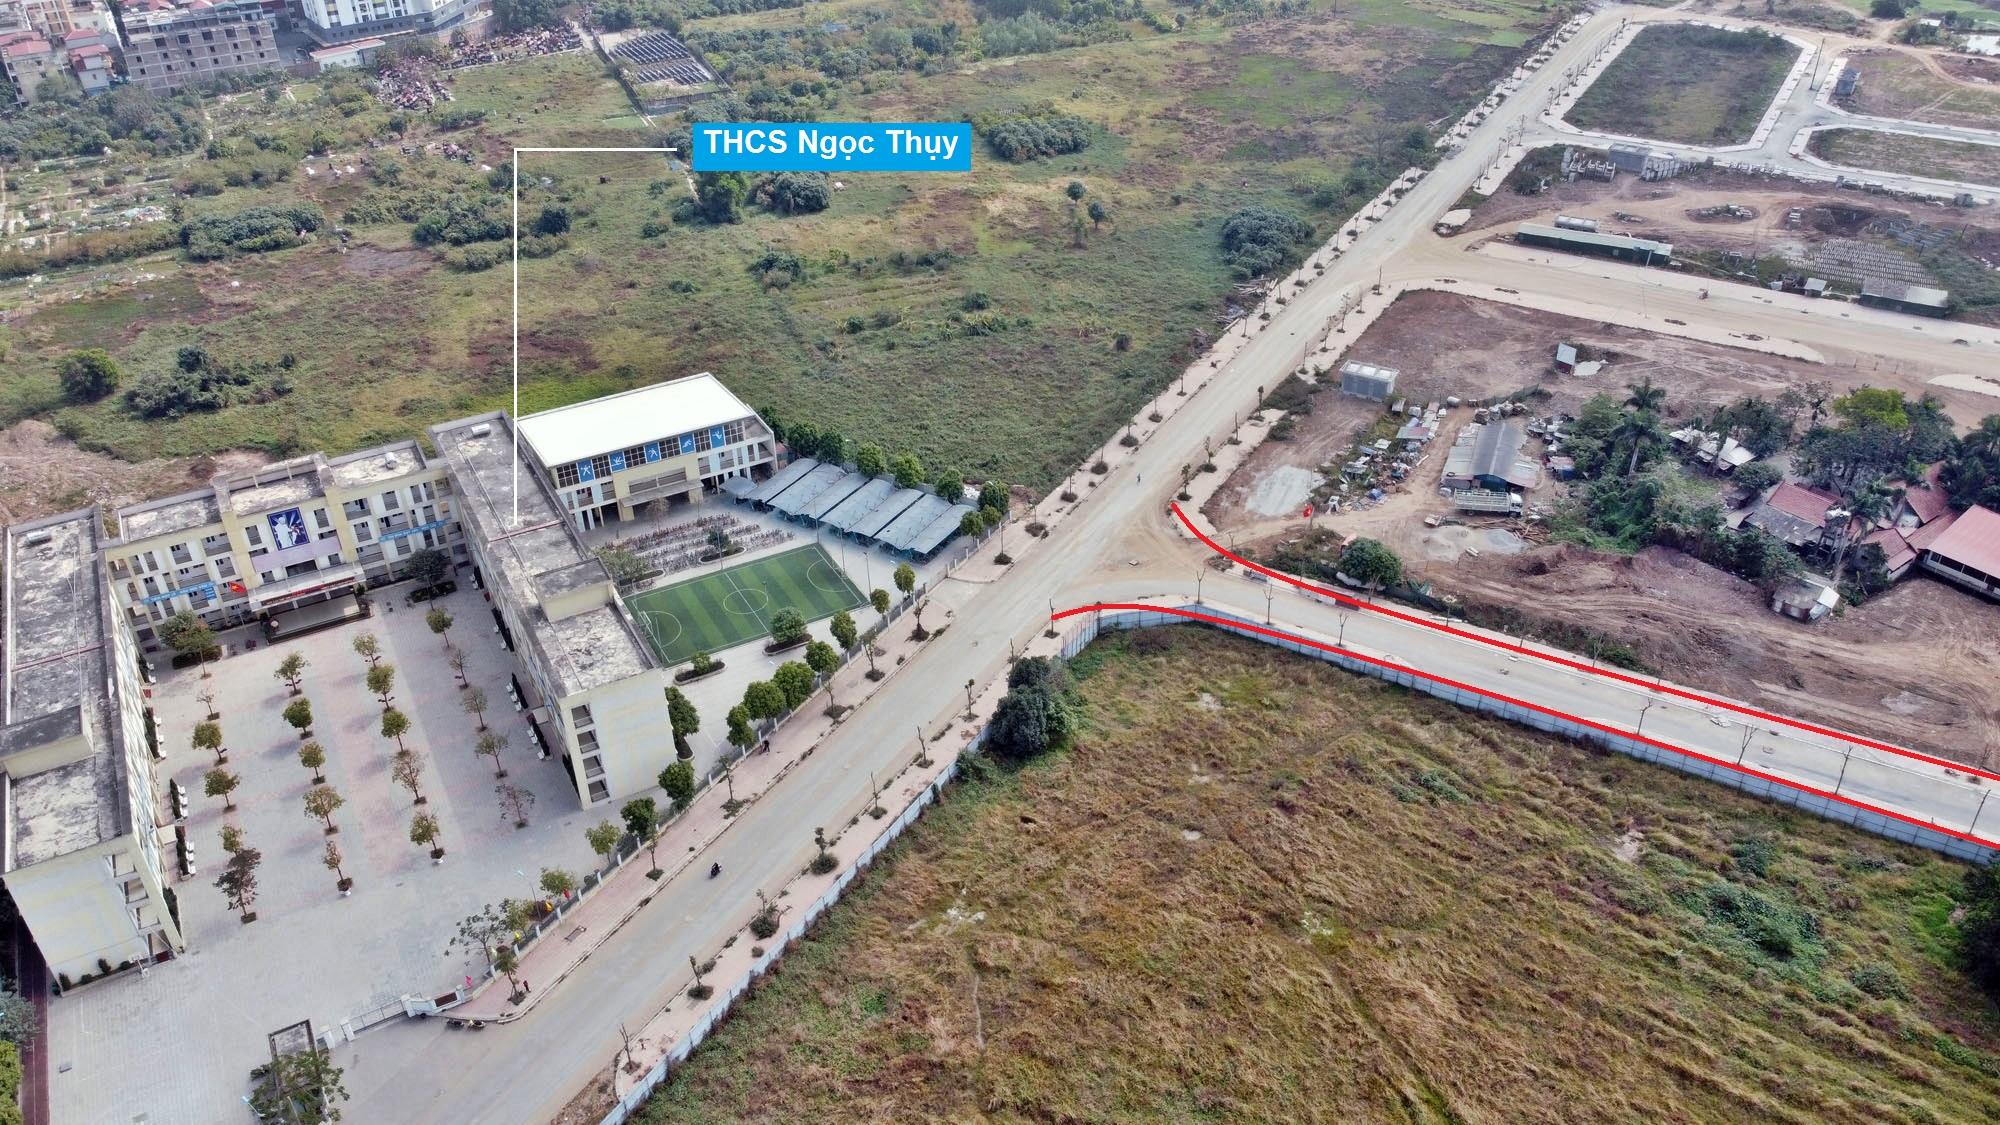 Ba đường mở theo quy hoạch ở phường Ngọc Thụy, Long Biên, Hà Nội (phần 3) - Ảnh 5.